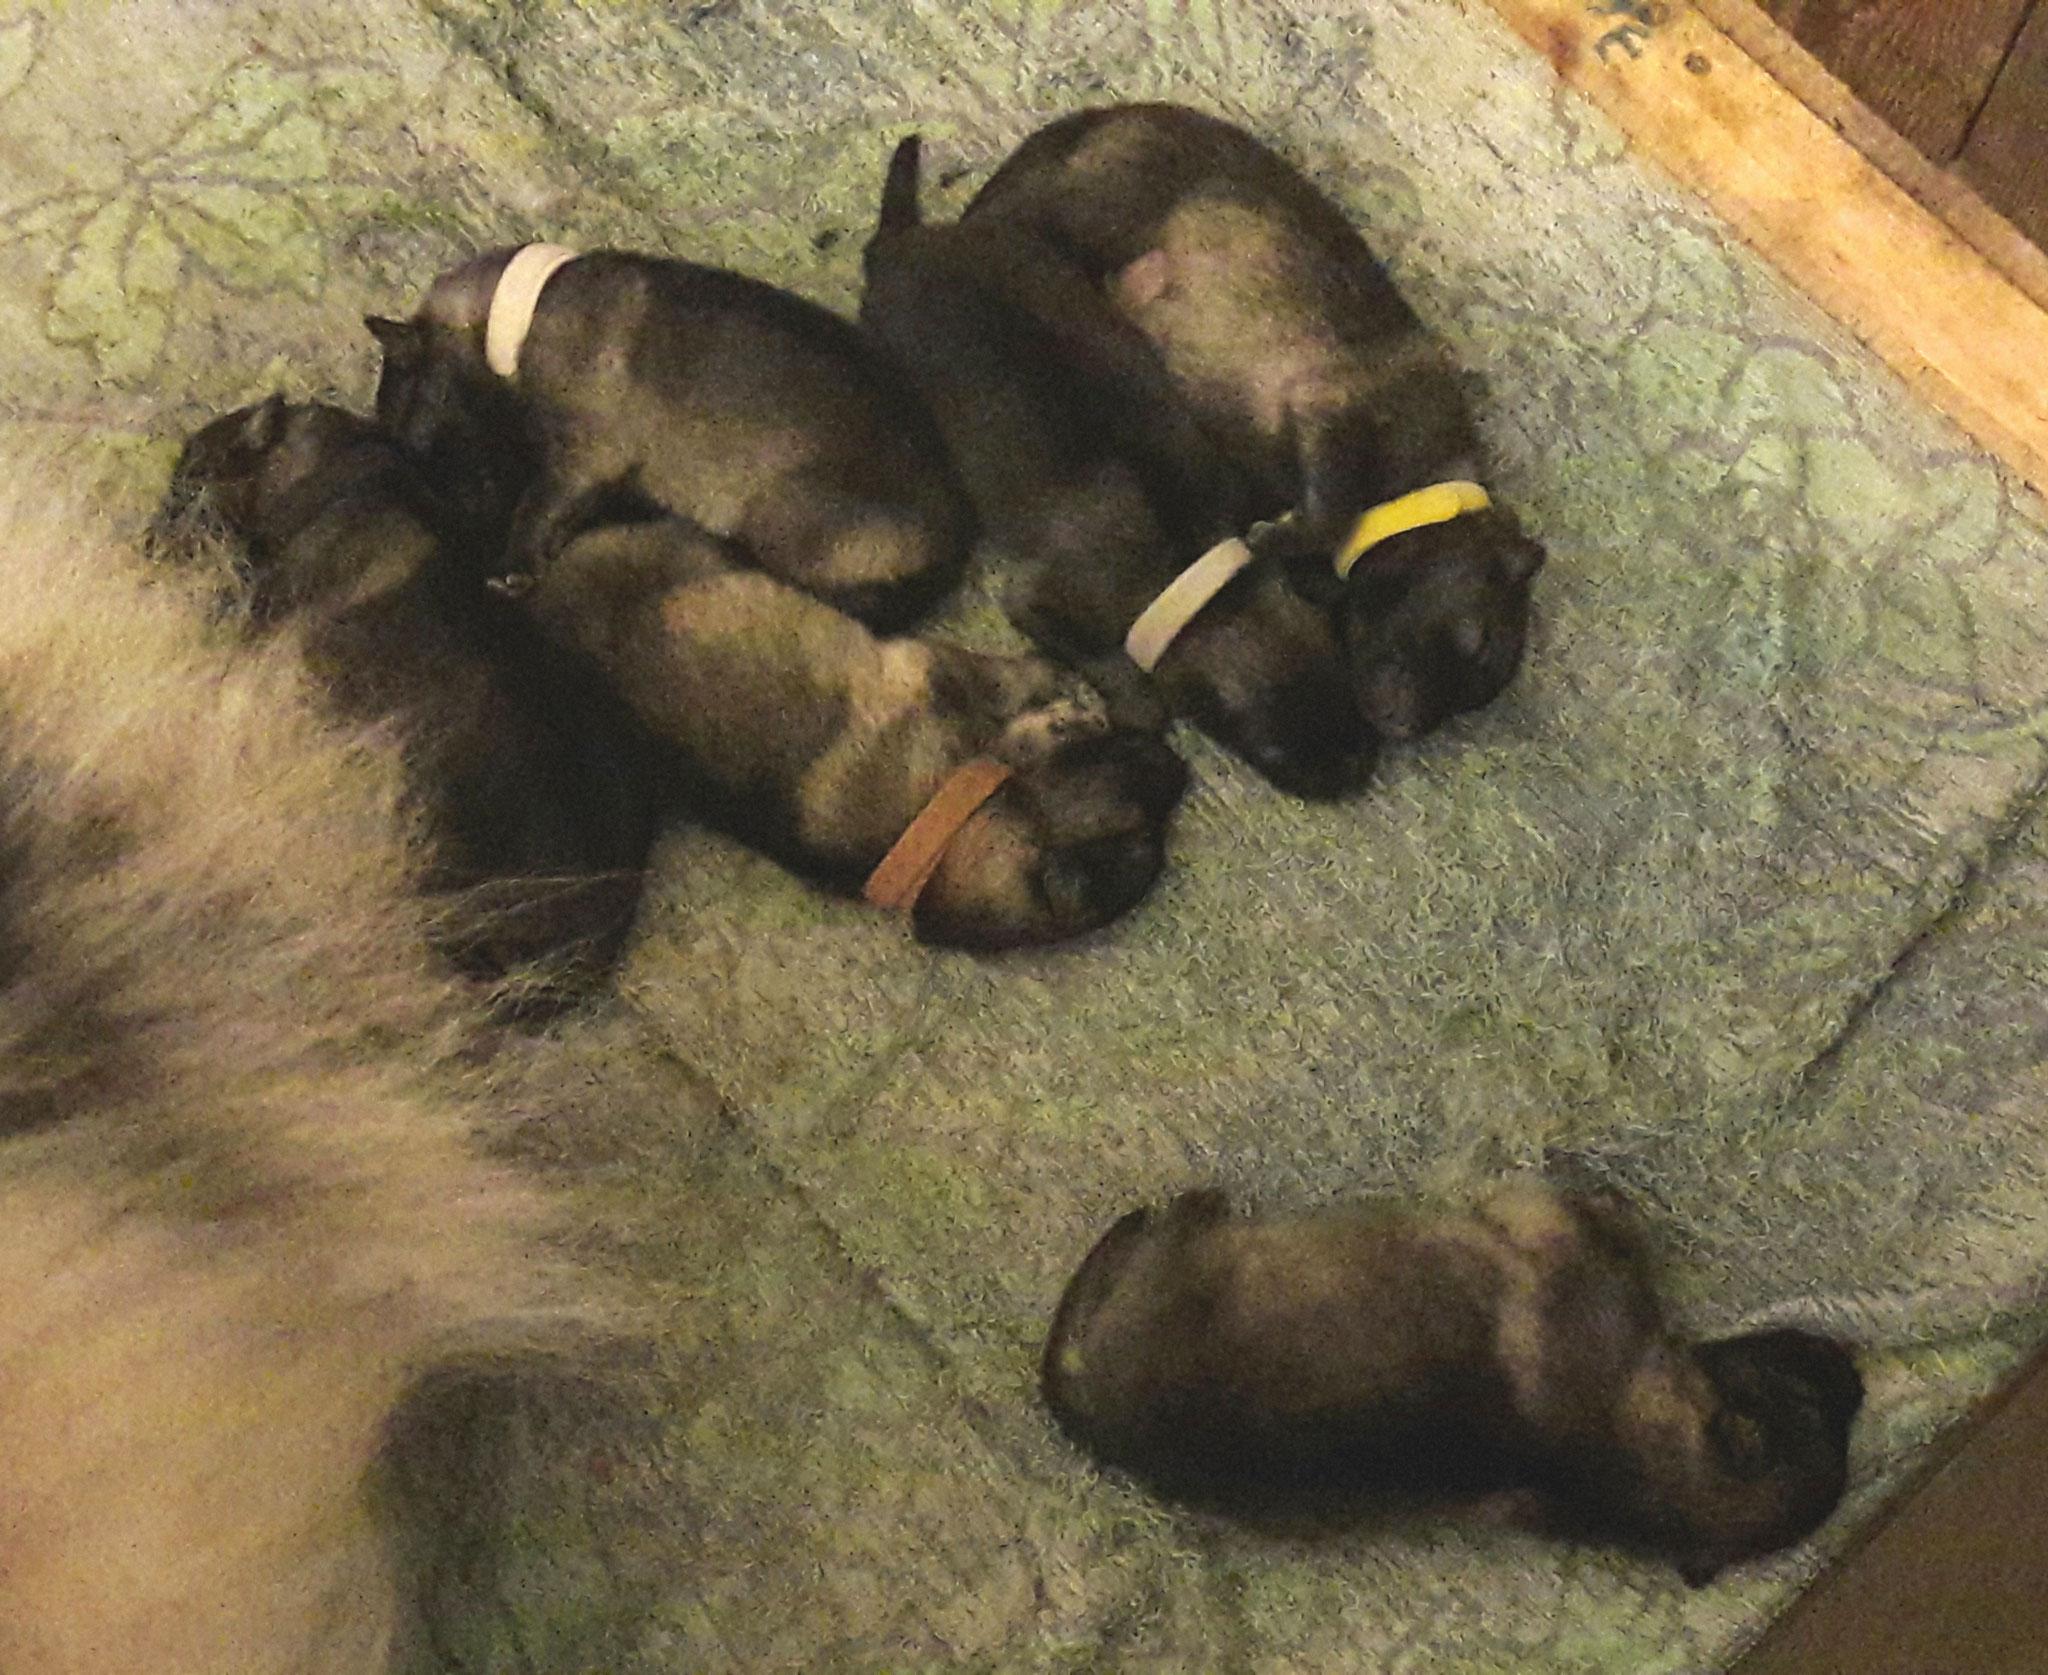 15.06.2018... Zwei Tage nach der Geburt sind die kleinen noch ziemlich müde. Die Mädels kuscheln sich schön zusammen und der Rüde hält lieber etwas Sicherheitsabstand.